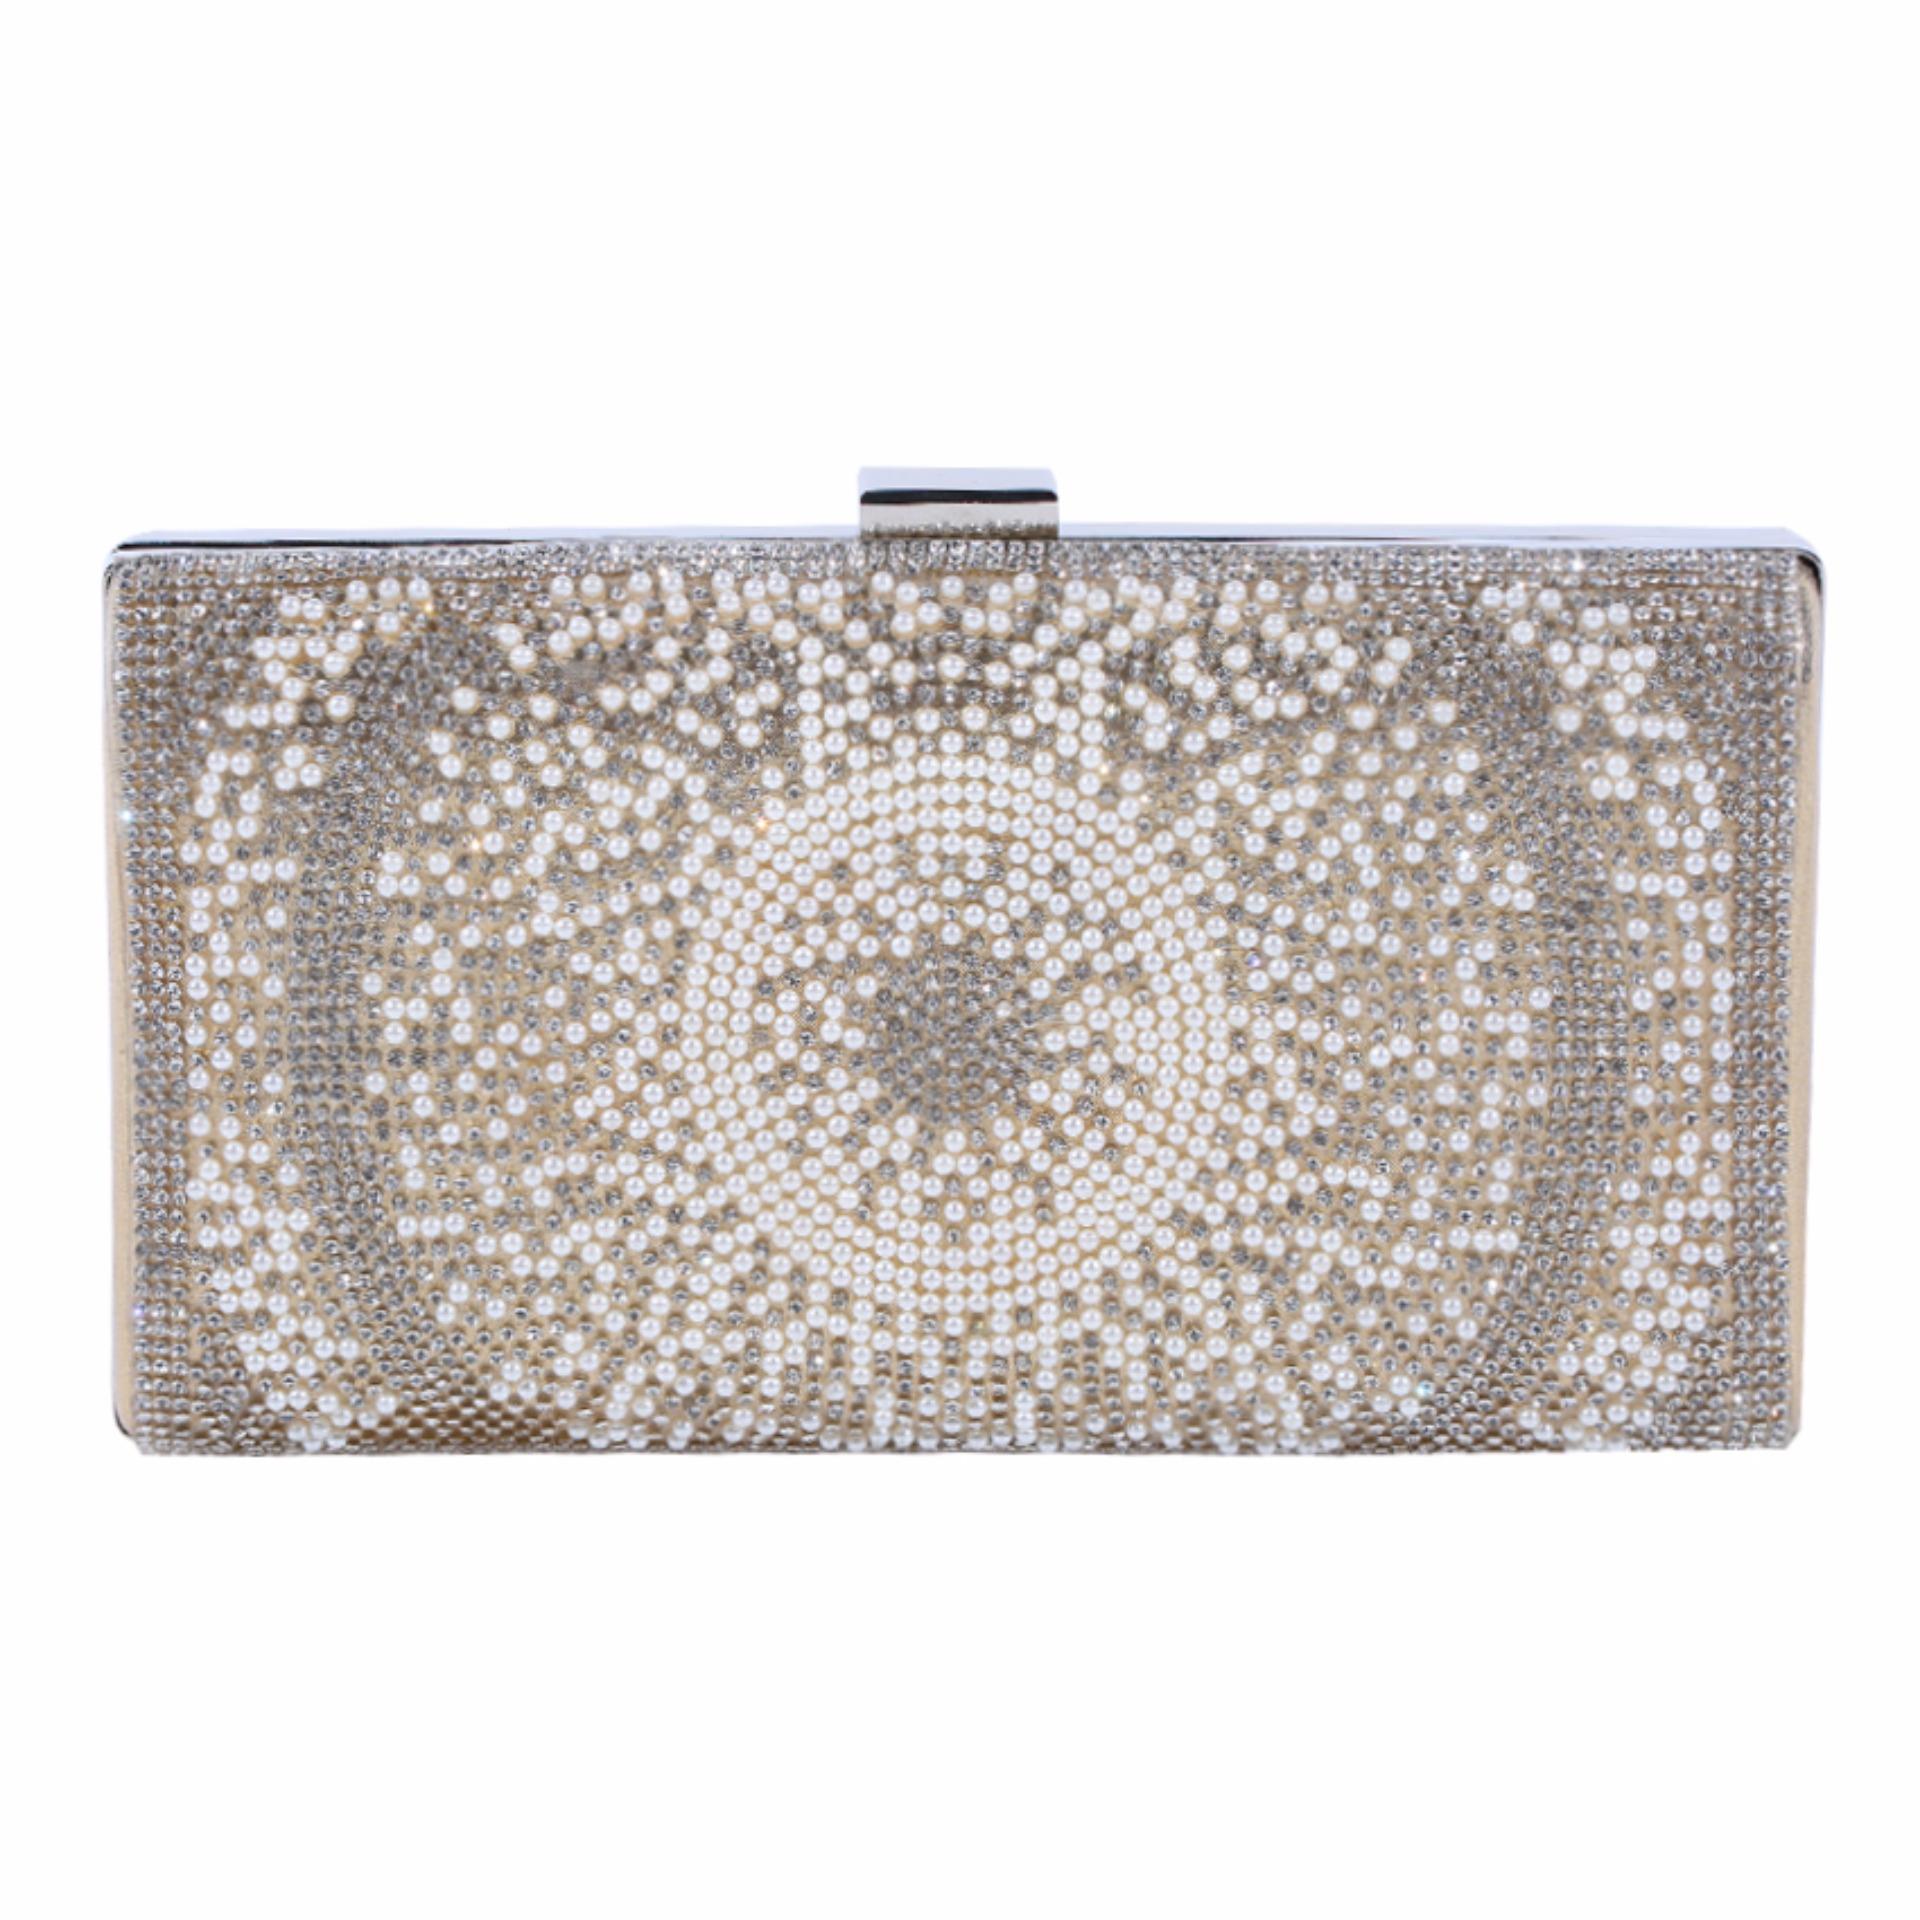 Jual Jcf Tas Fashion Clutch Cantik Pesta Mewah Elegan Berkualitas Import Korean Style High Quality Karen Satu Set